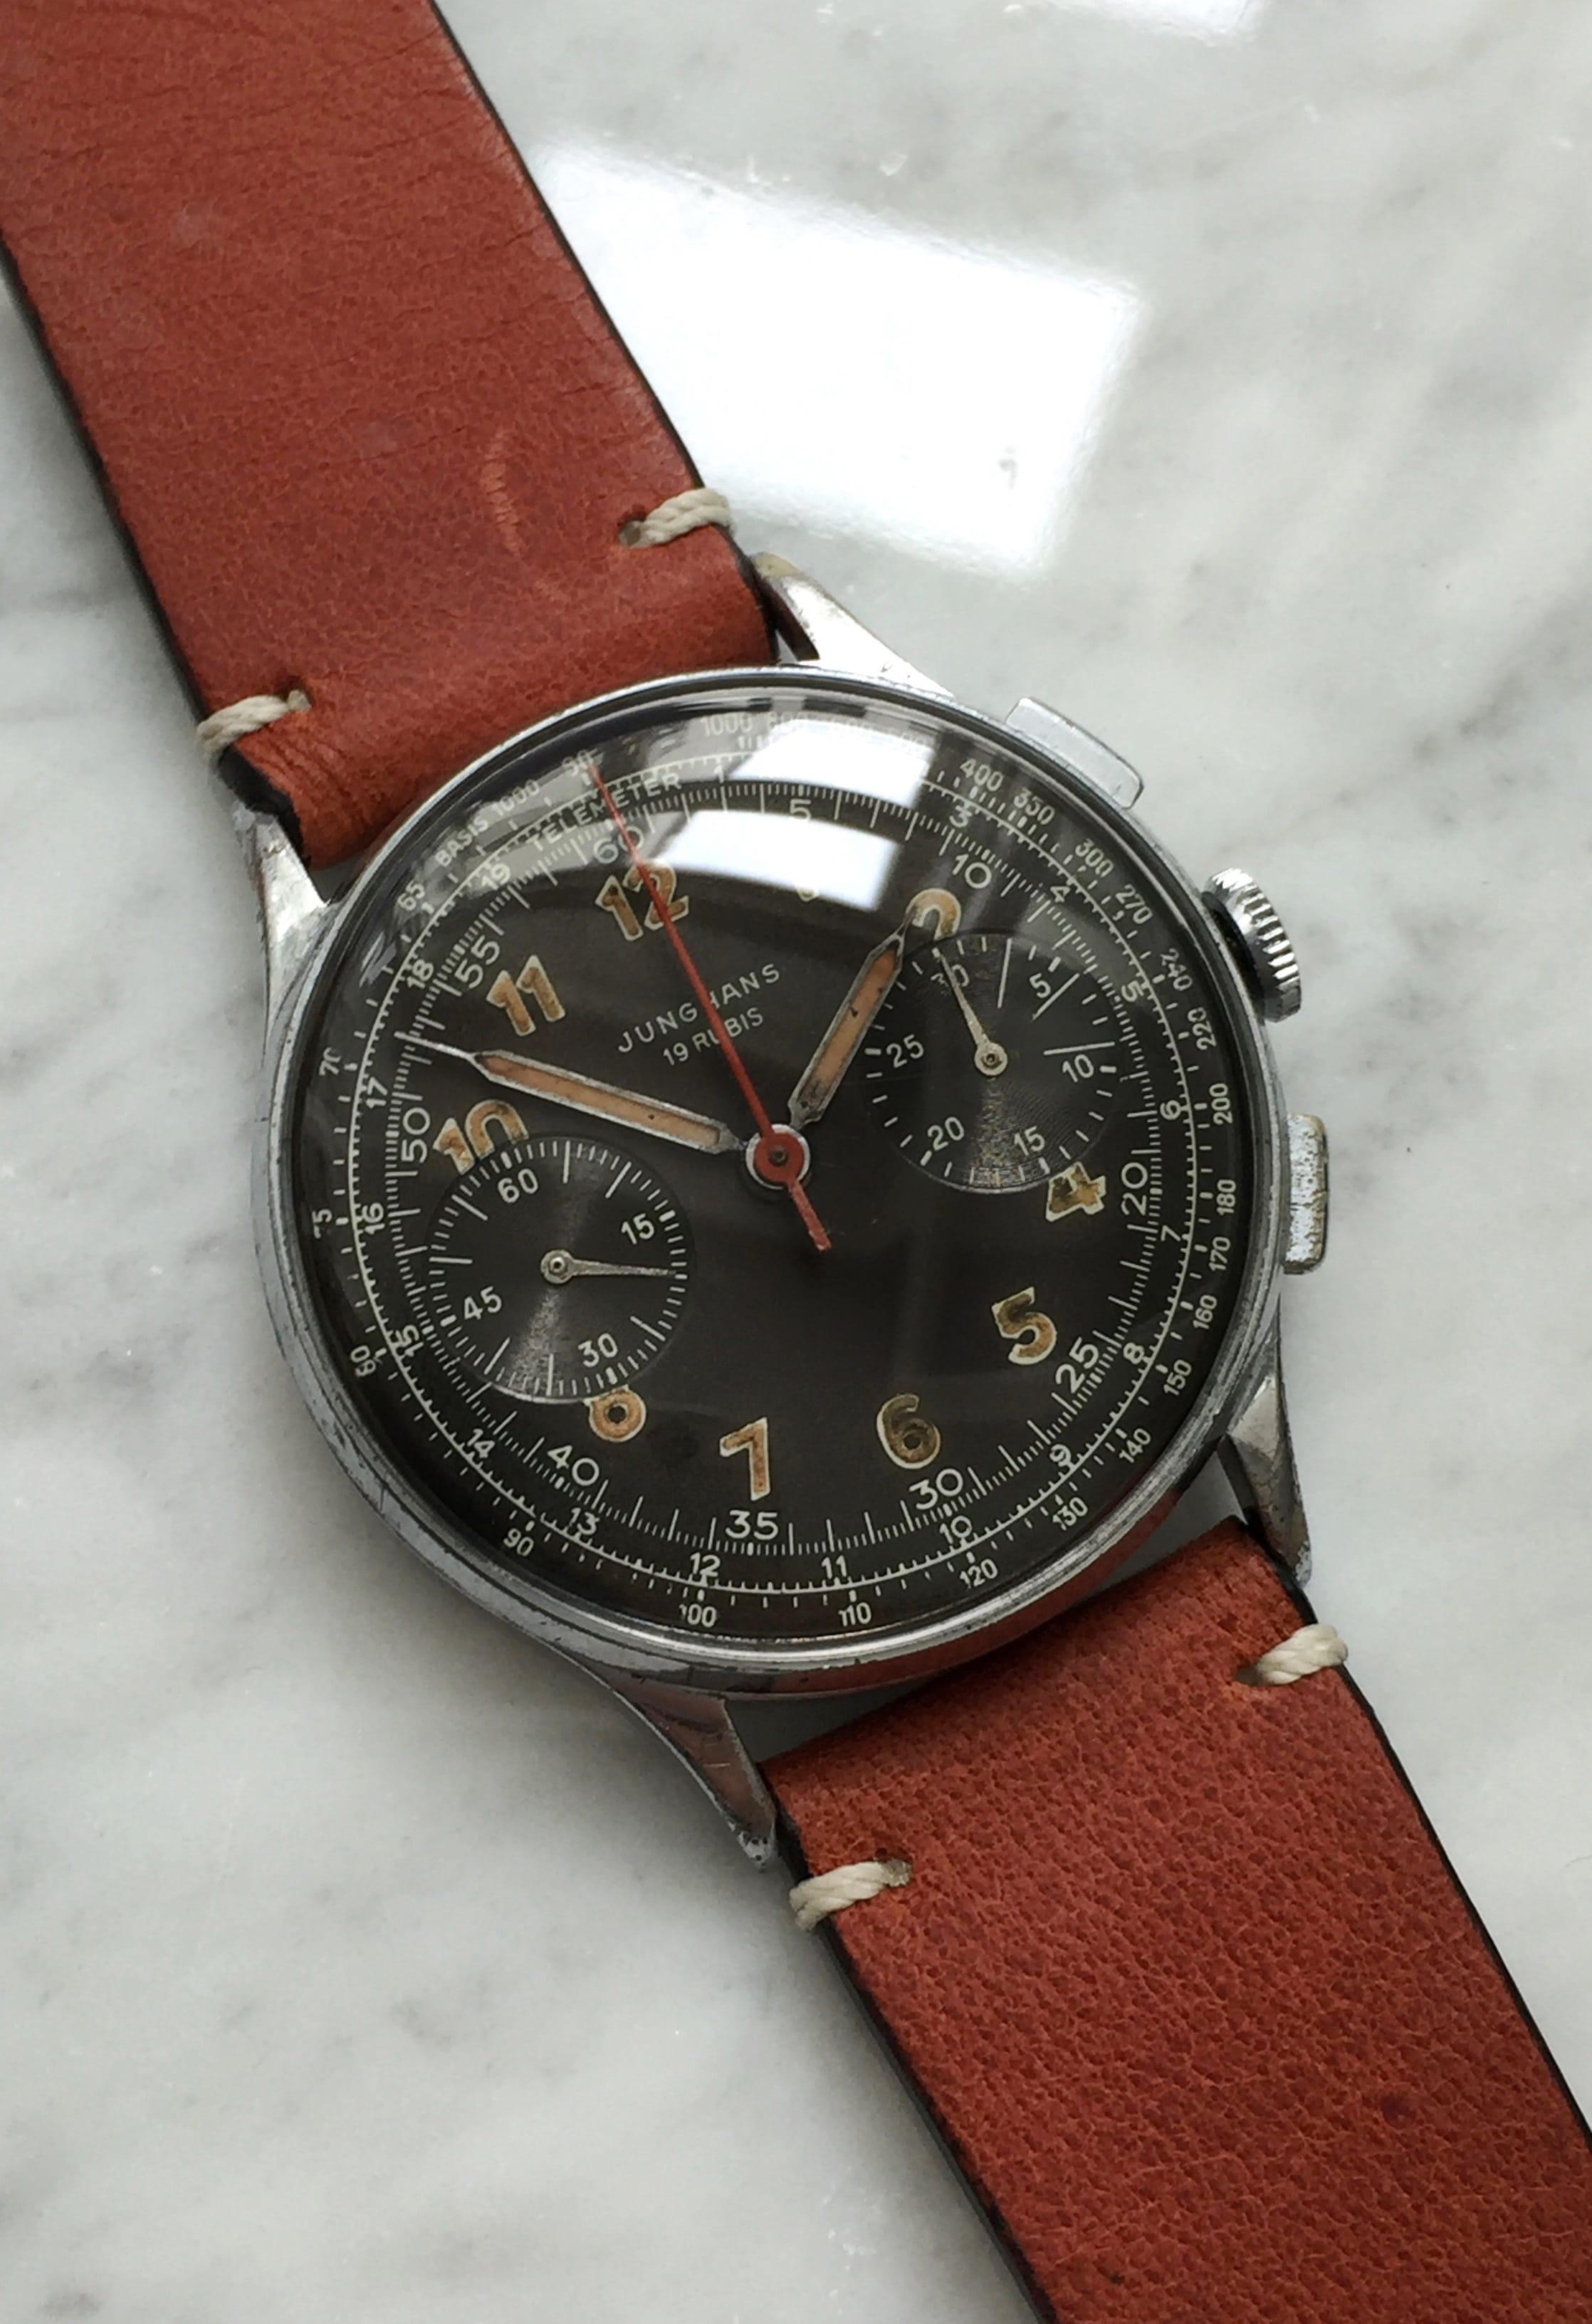 Serviced Junghans Chronograph caliber 88 Original Dial